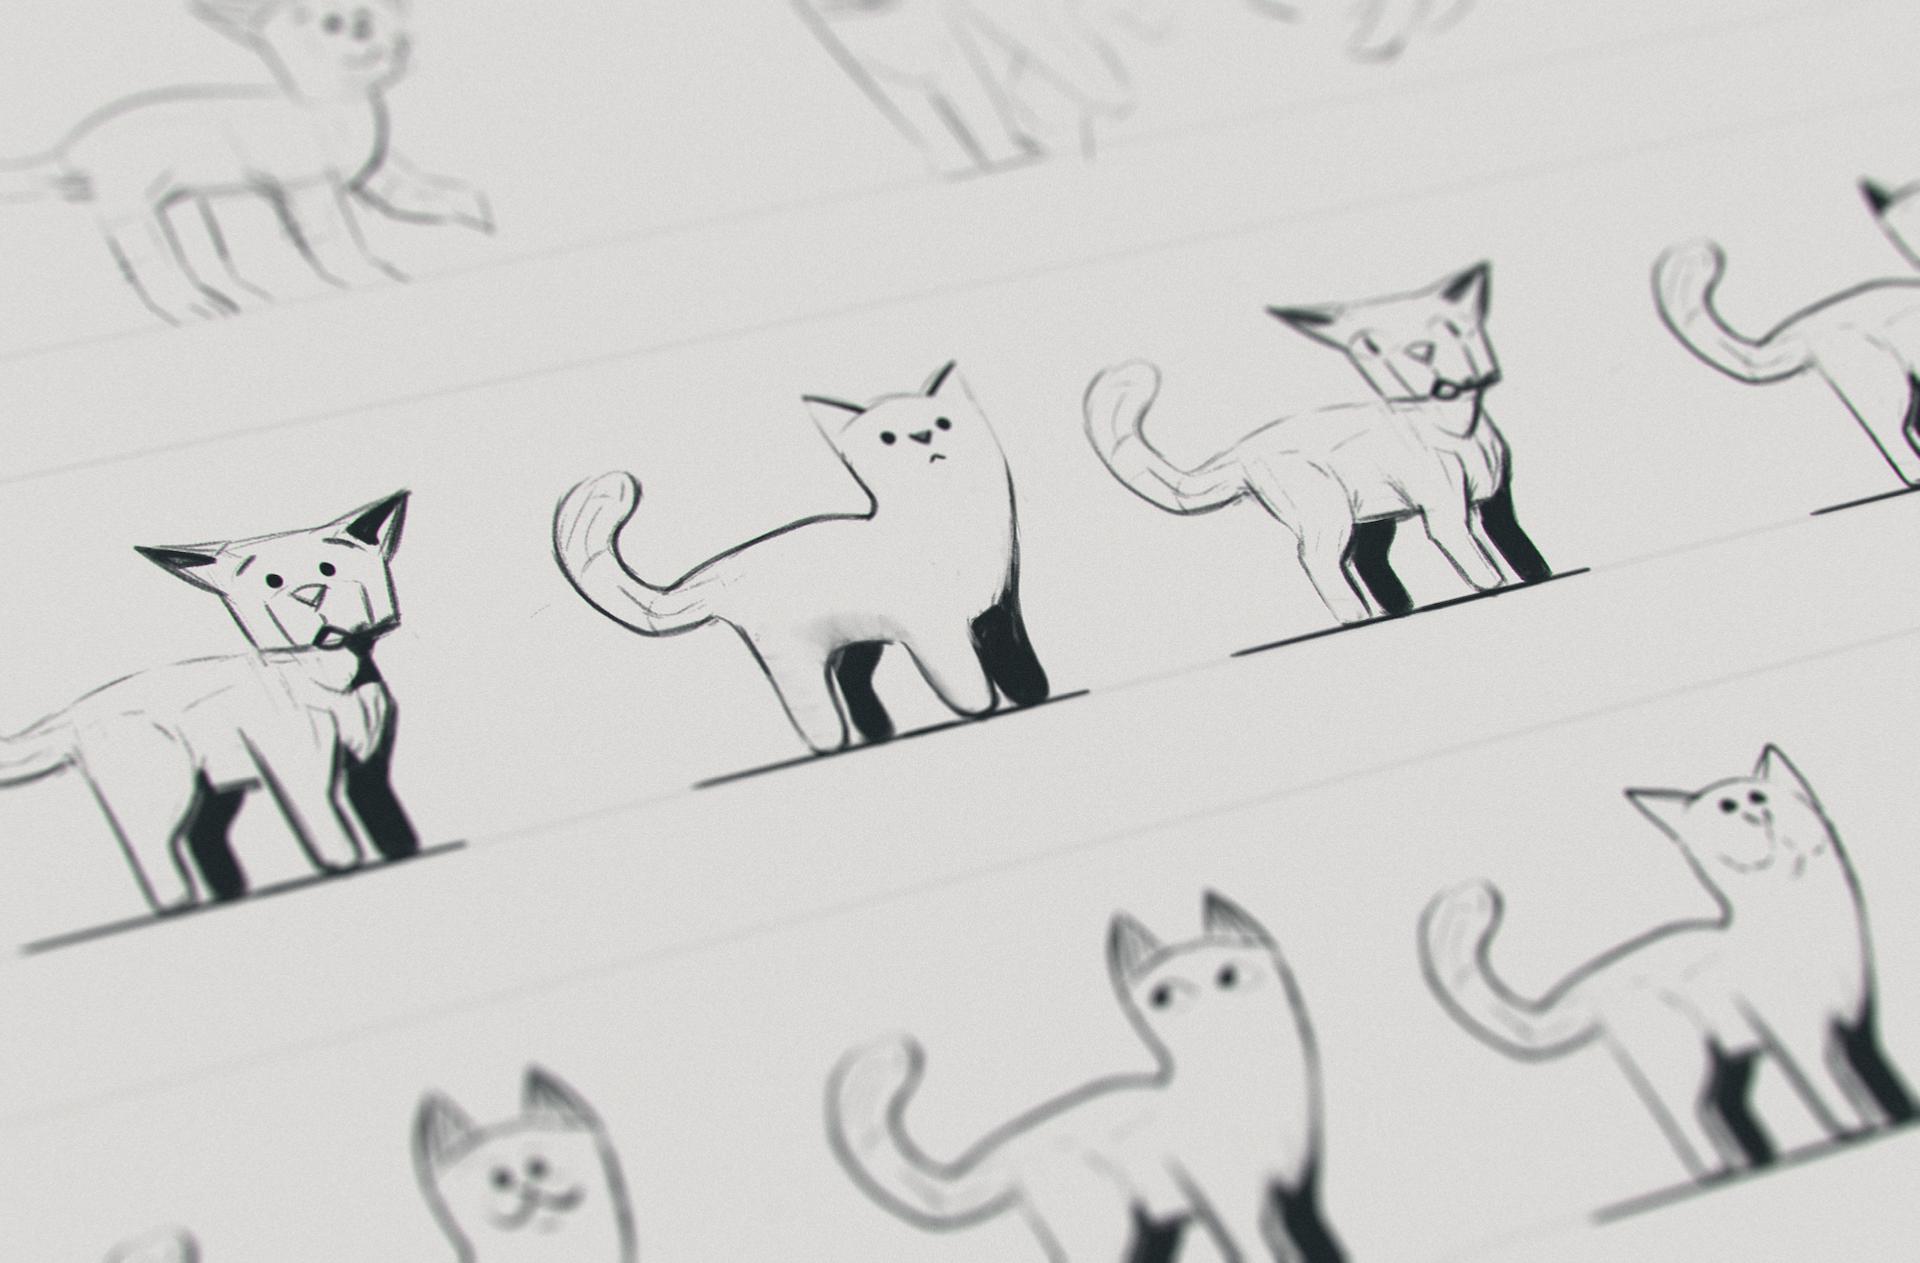 Twinkle_Kafta_Sketches_01